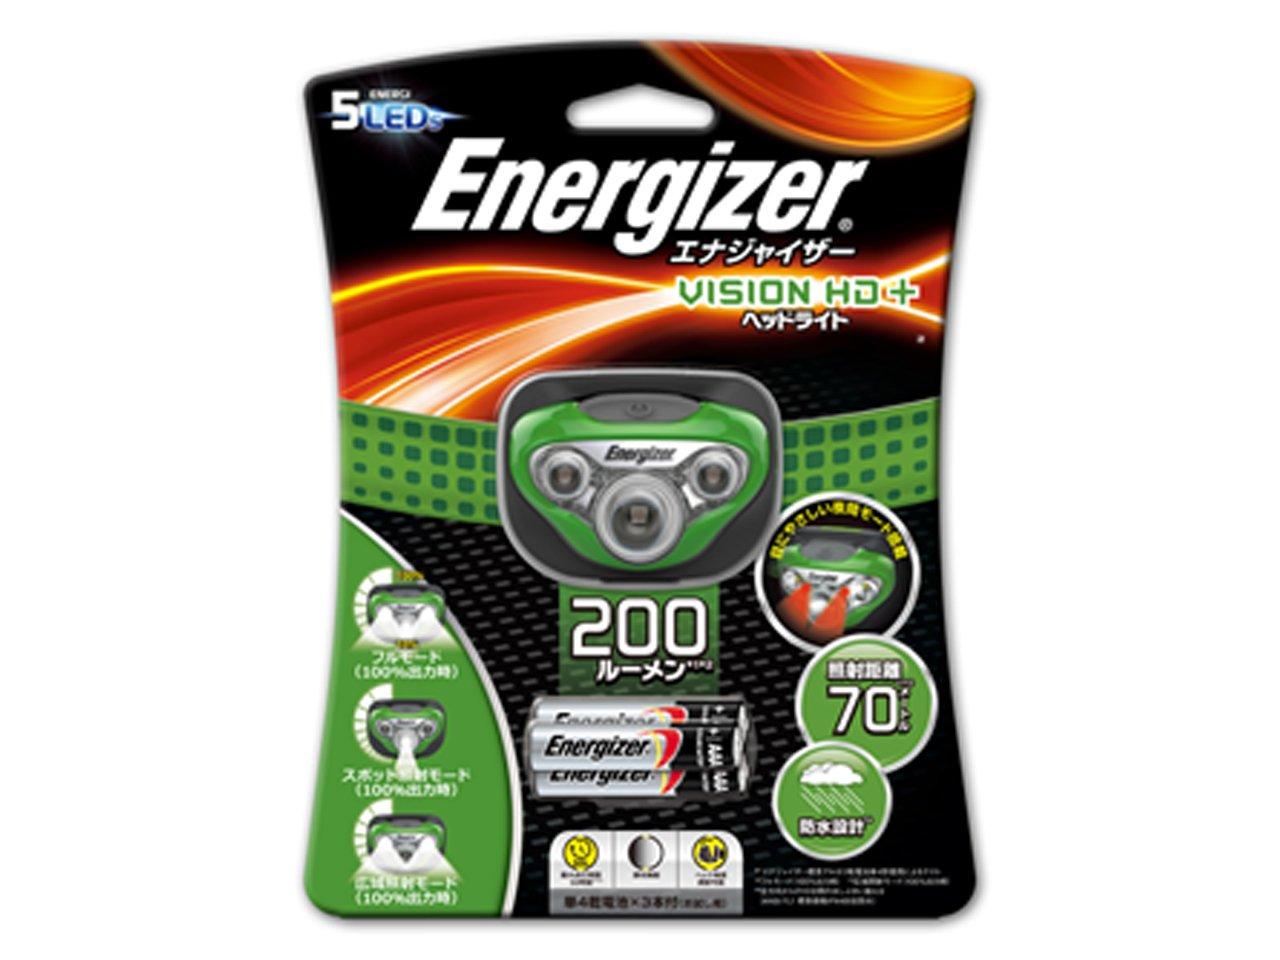 エナジャイザー ヘッドライト HDL2005GR グリーン